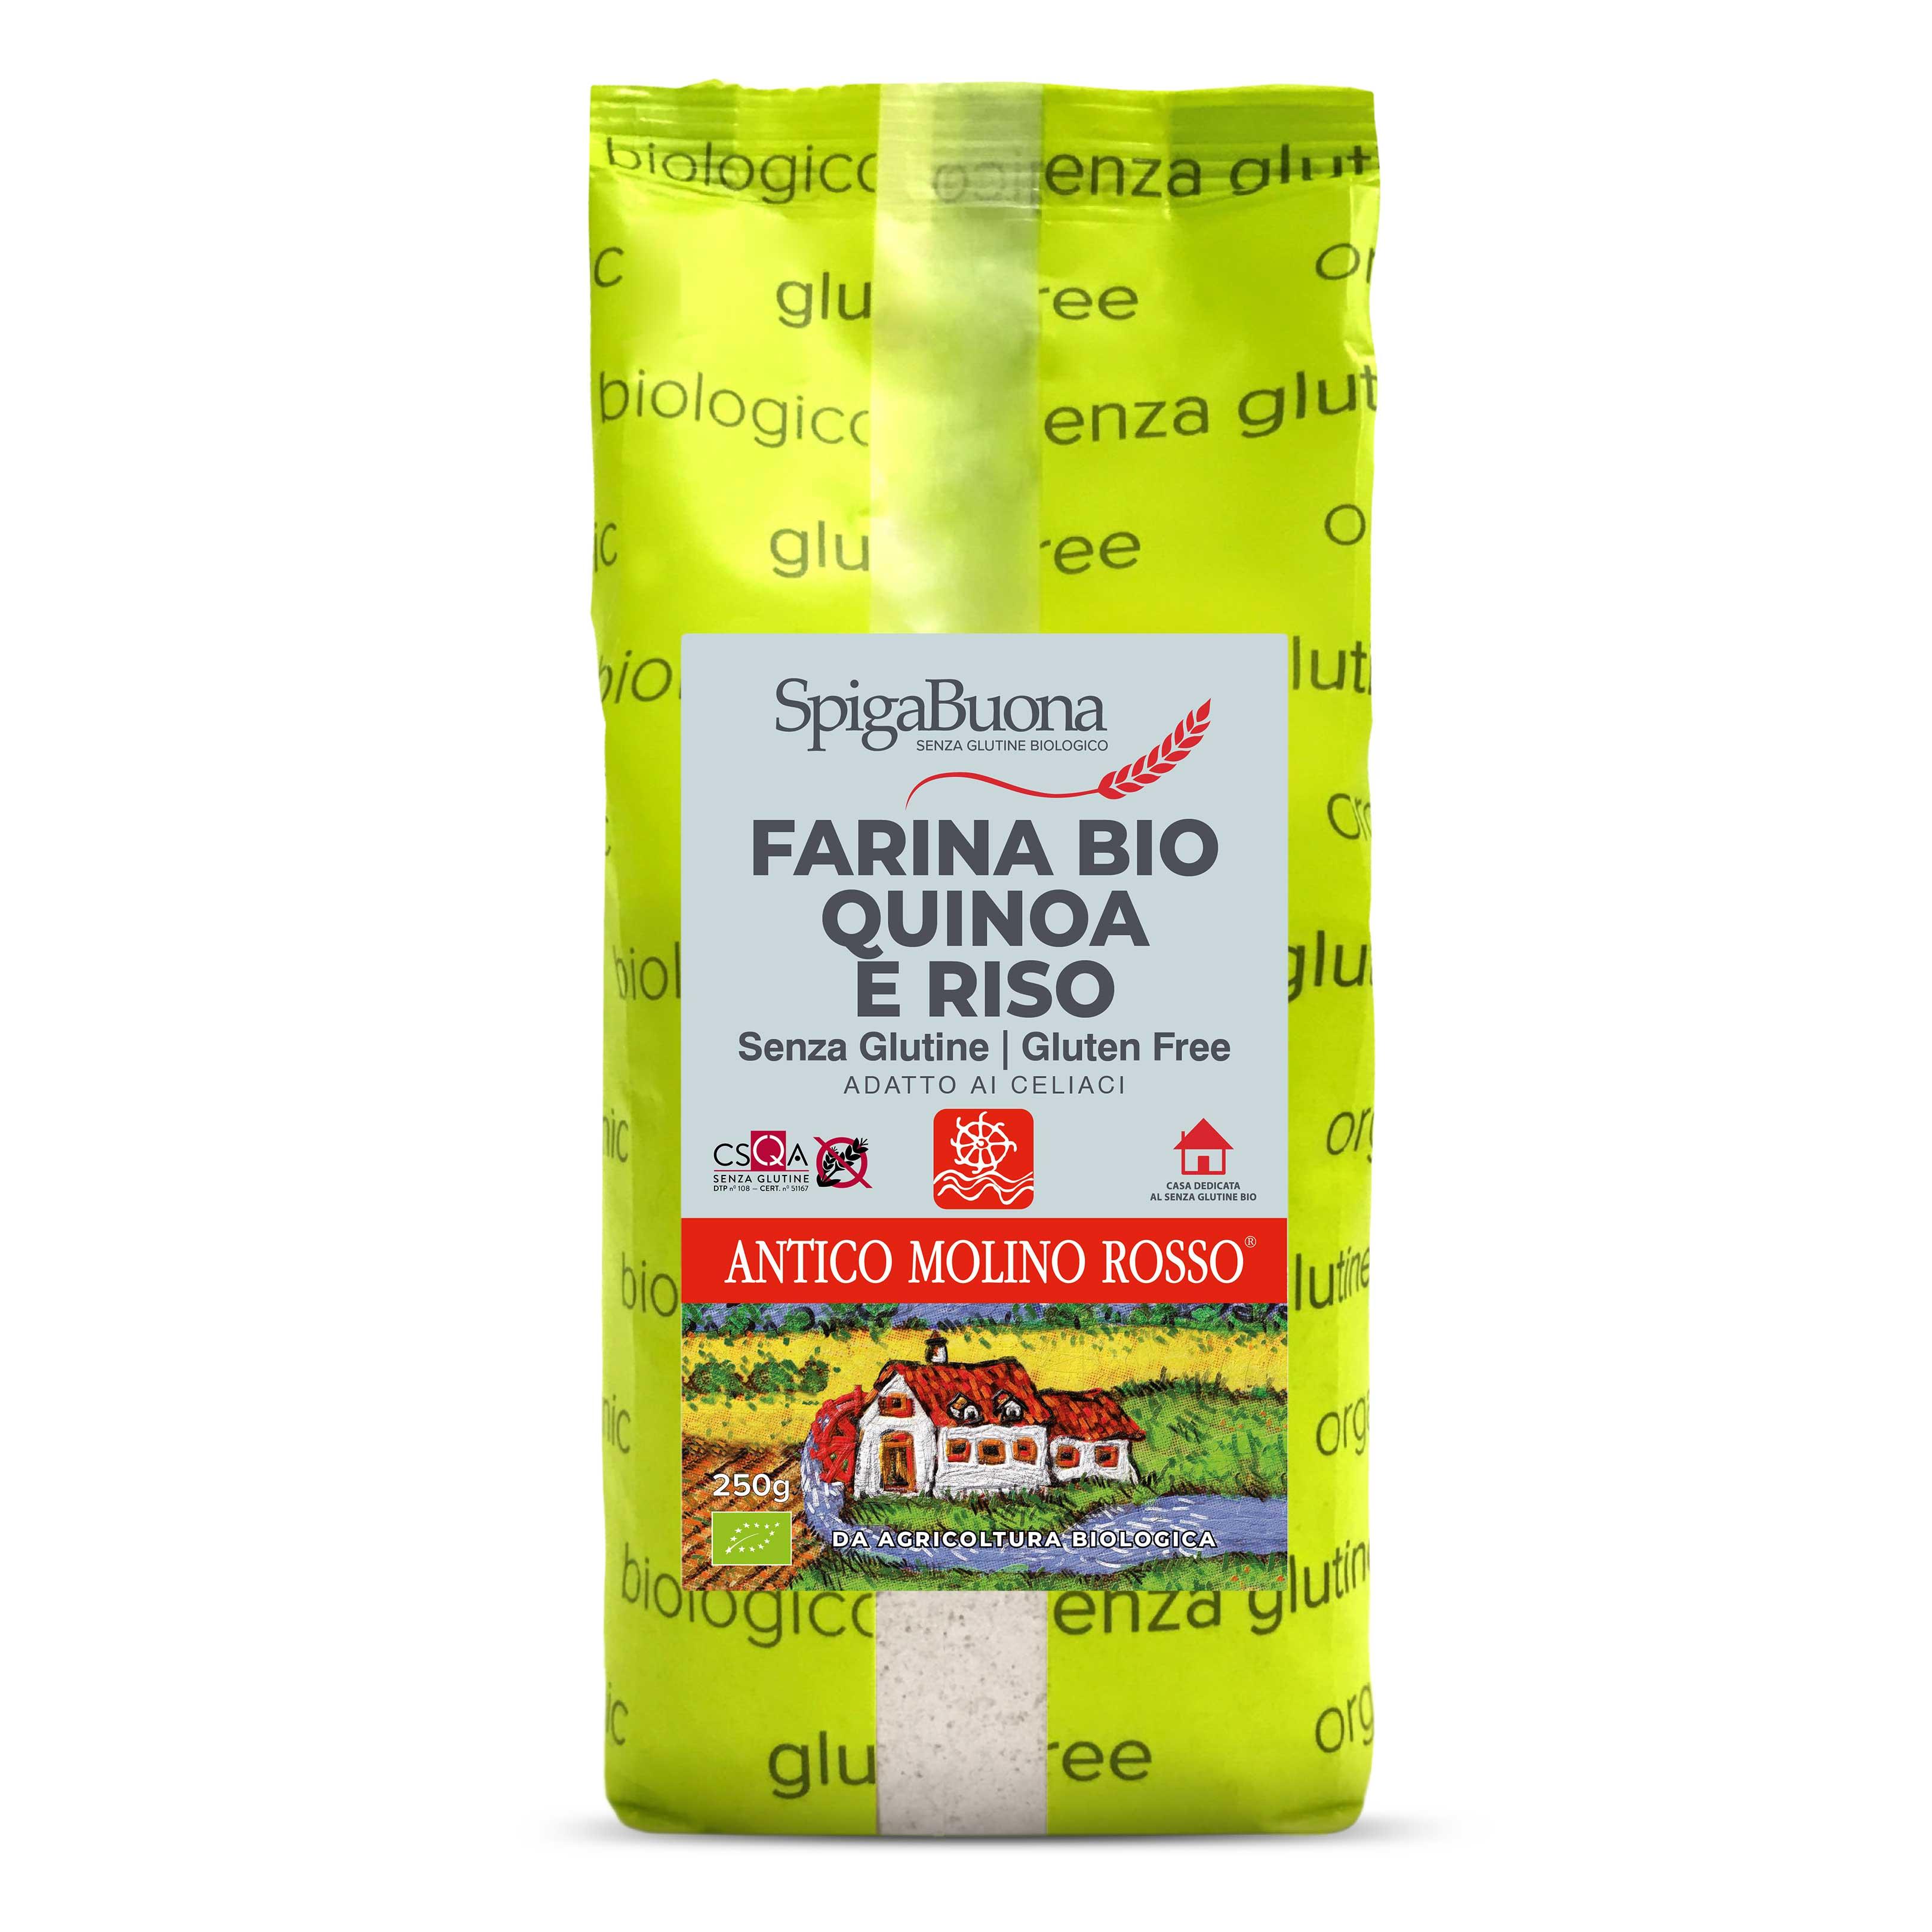 Farina Bio quinoa e riso - senza glutine